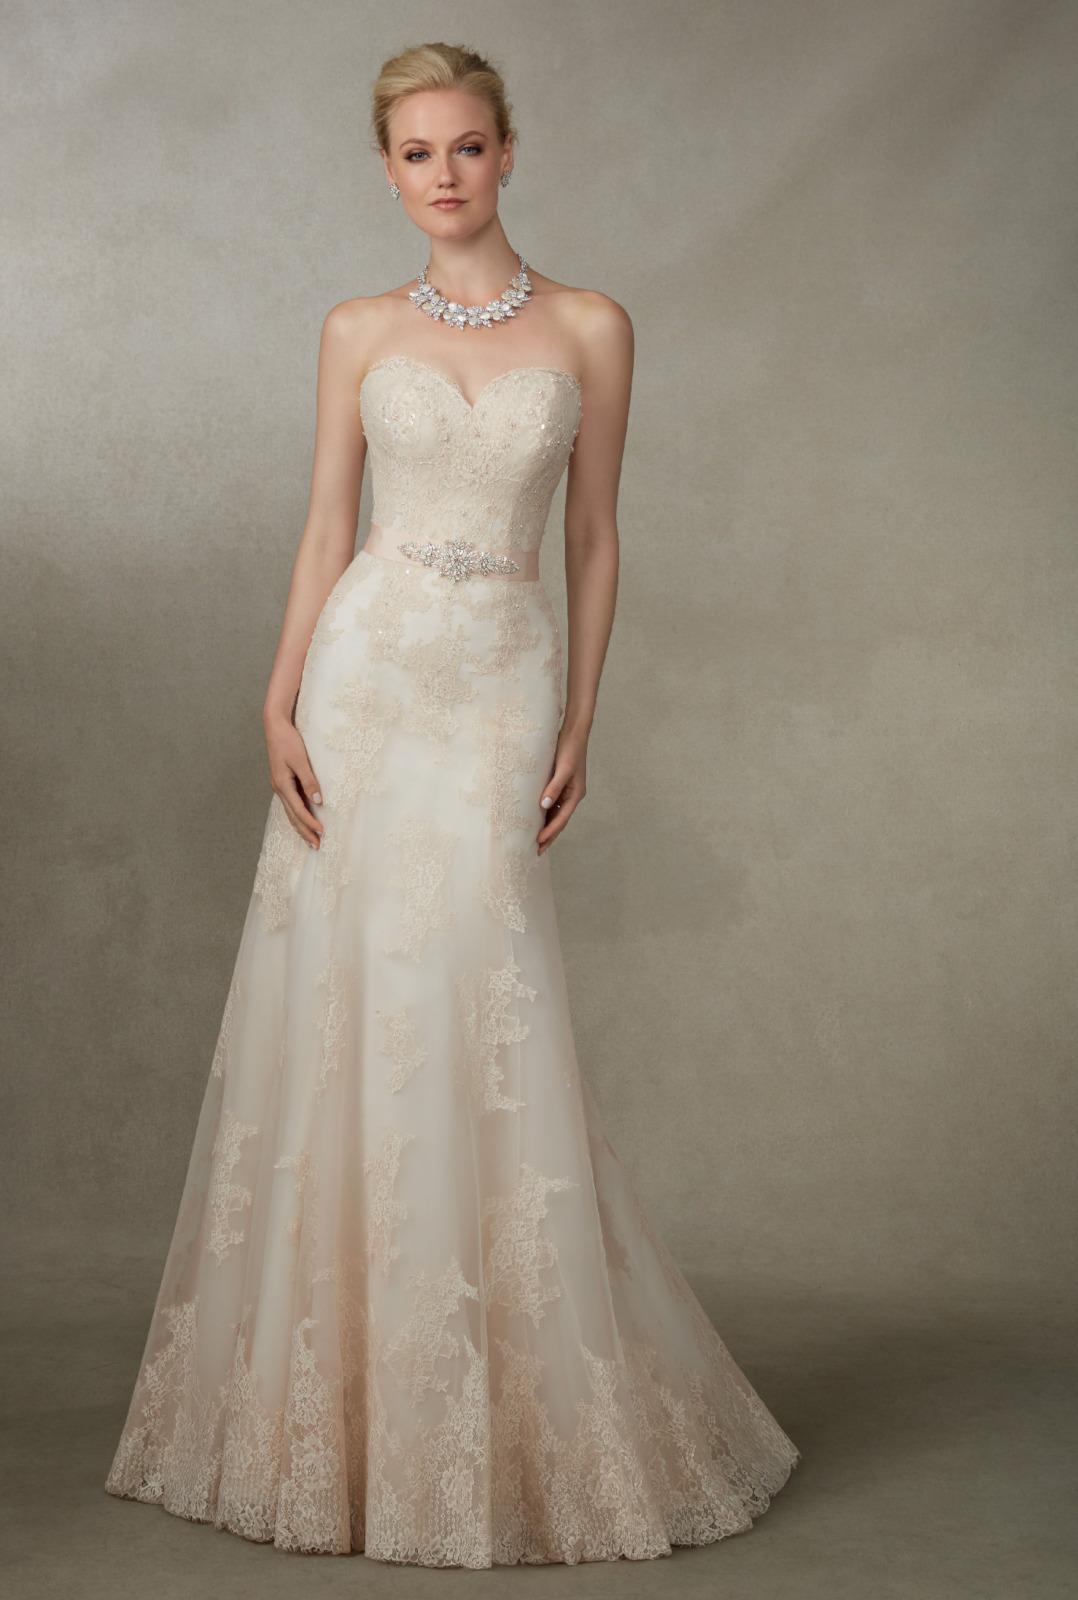 Νυφικό Φόρεμα, Ronald Joycem Δαντέλα, Strapless.Style. 18004